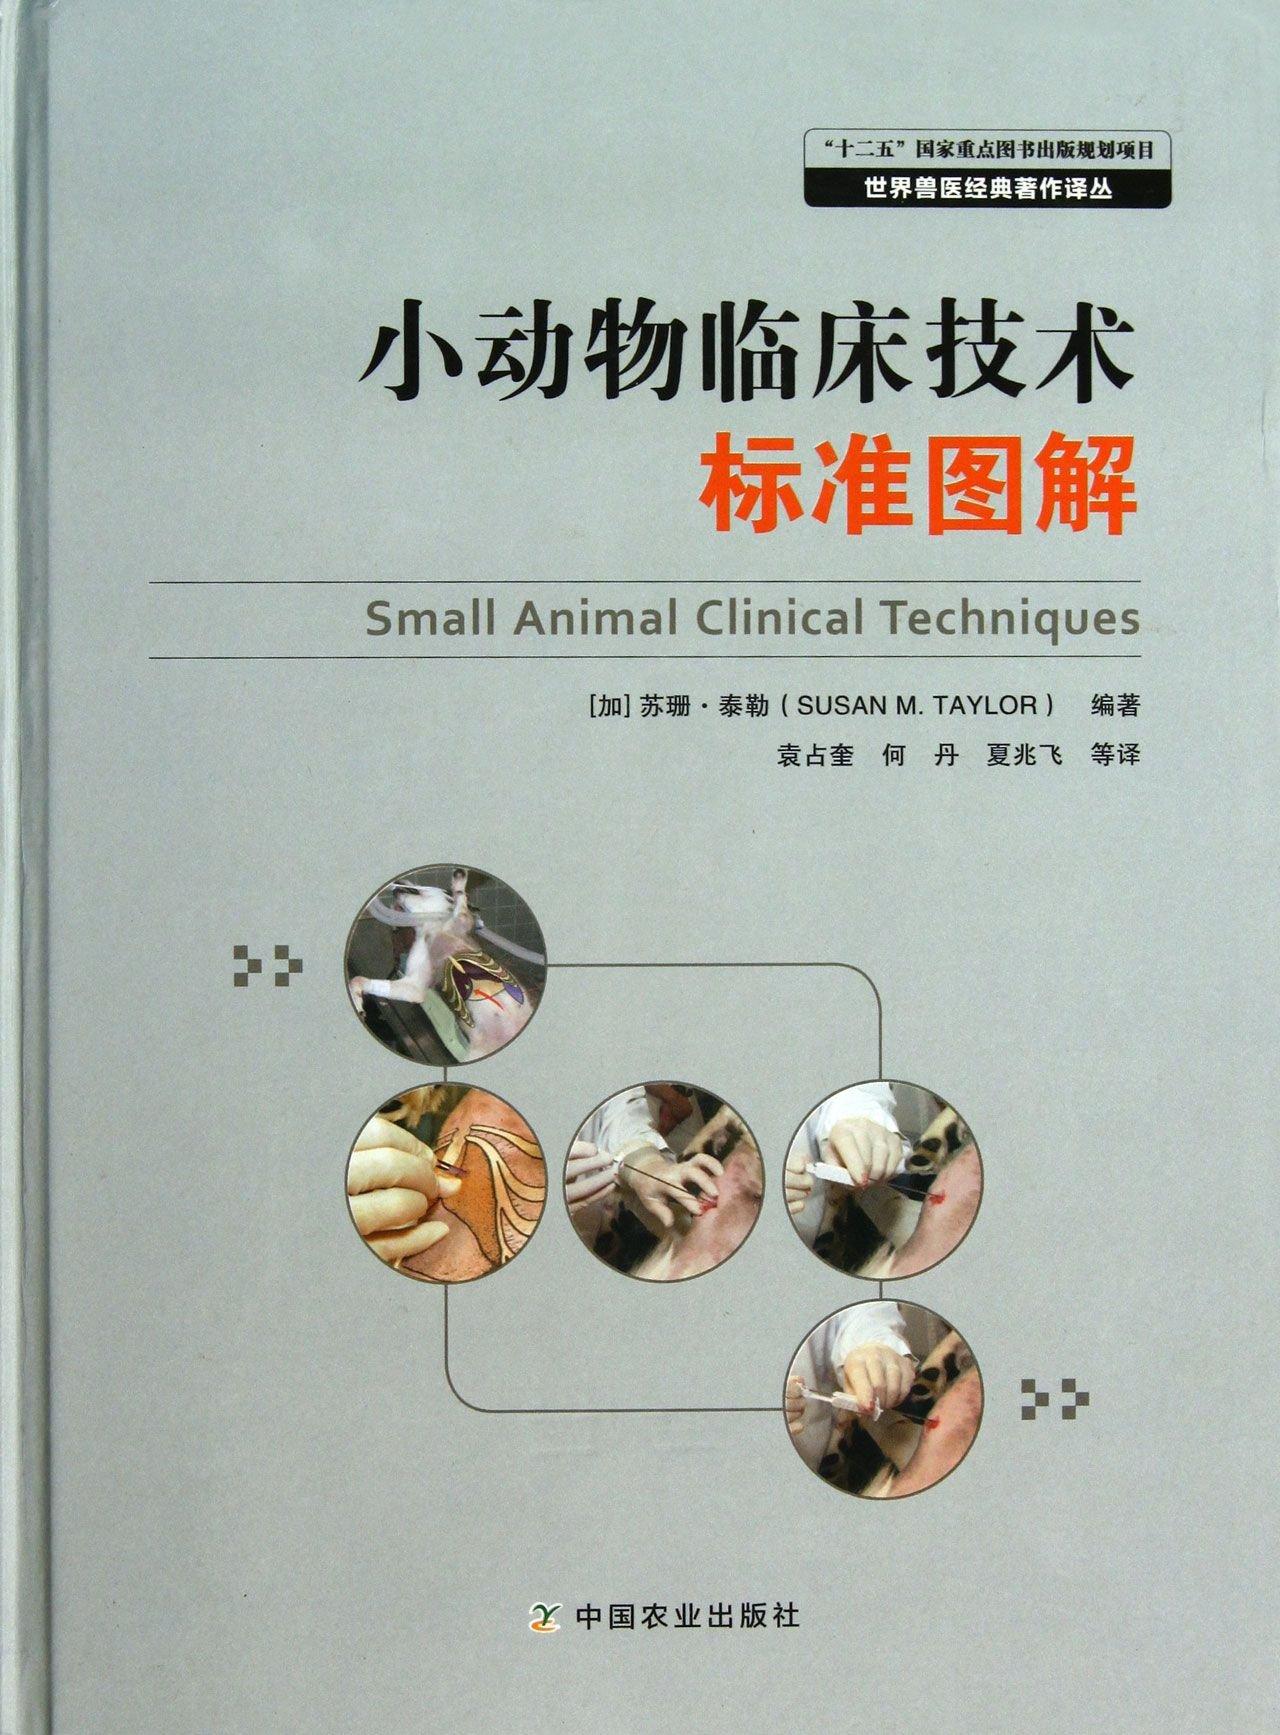 小动物临床技术标准图解.pdf